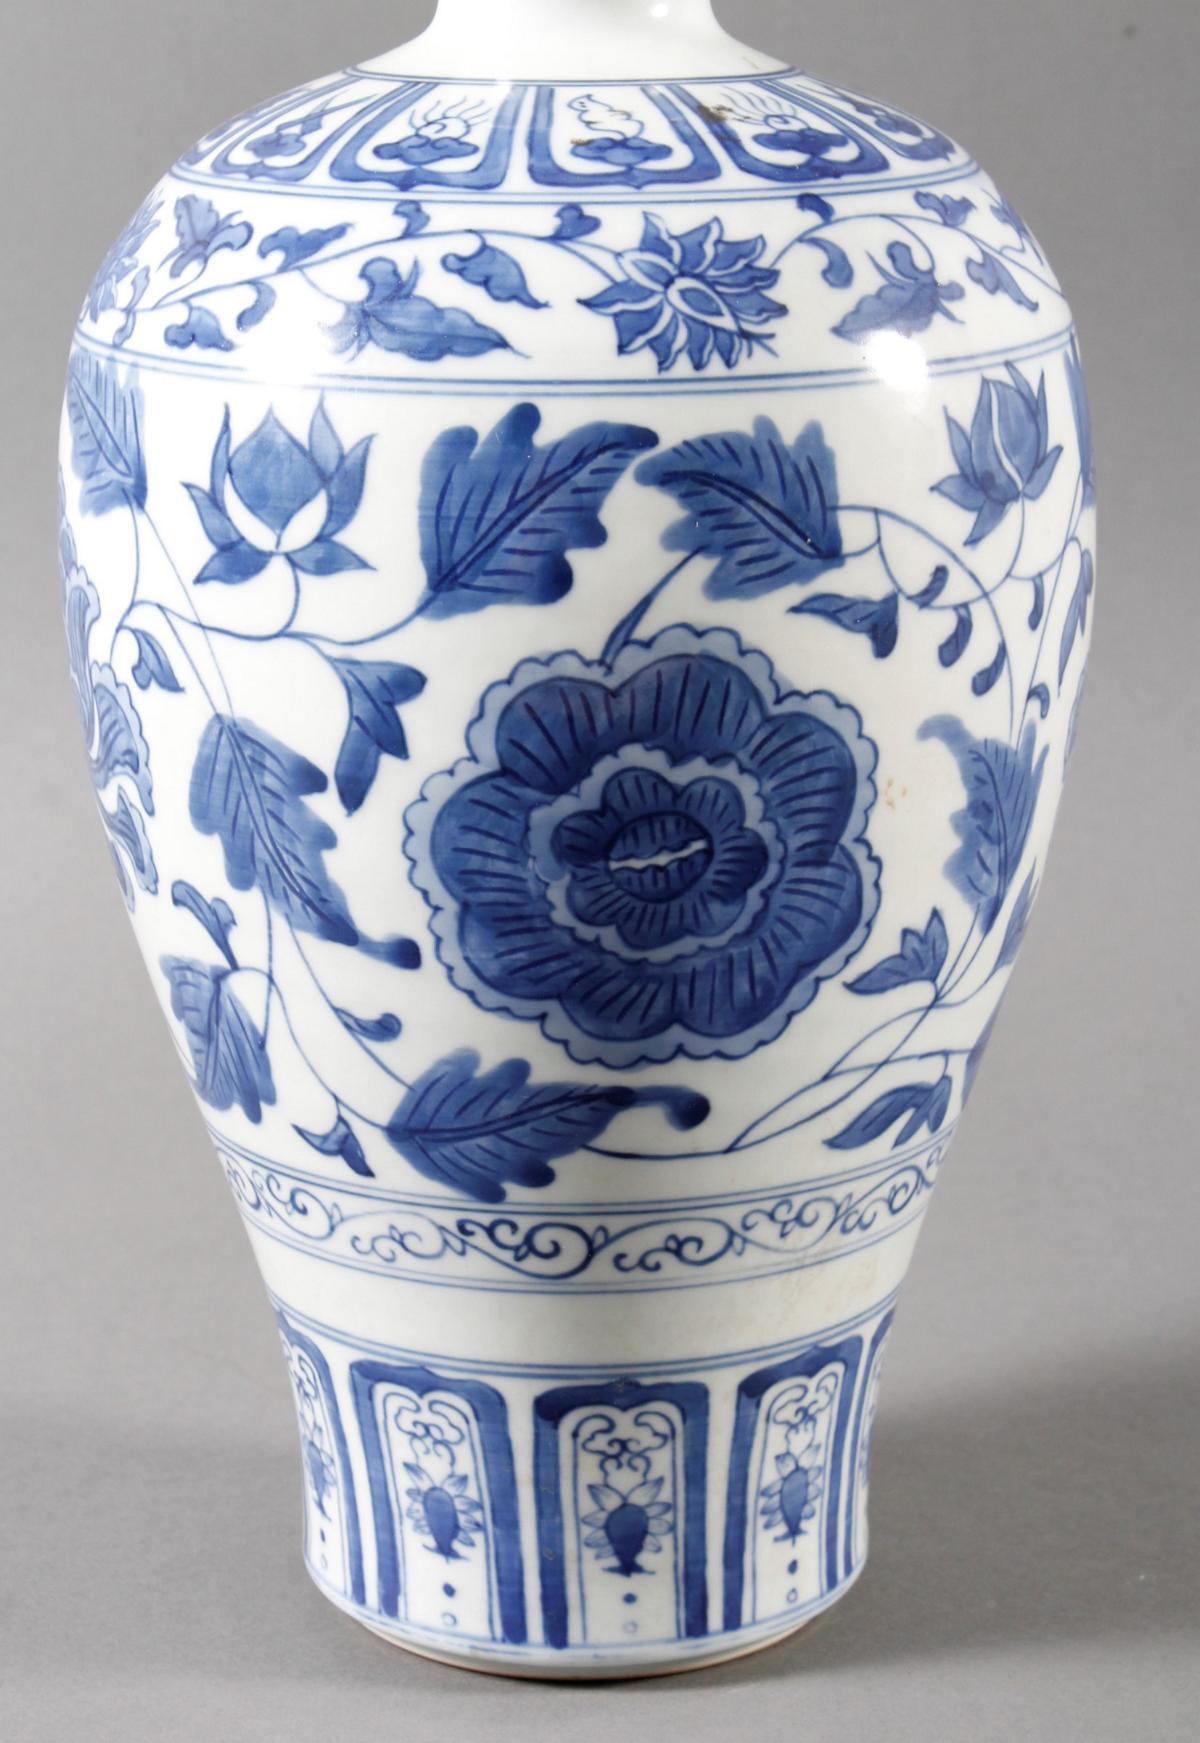 """Blau-Weiß- Porzellan Ziervase """"Meiping"""", China, Thung-chih 1862-1874 gemarkt-3"""